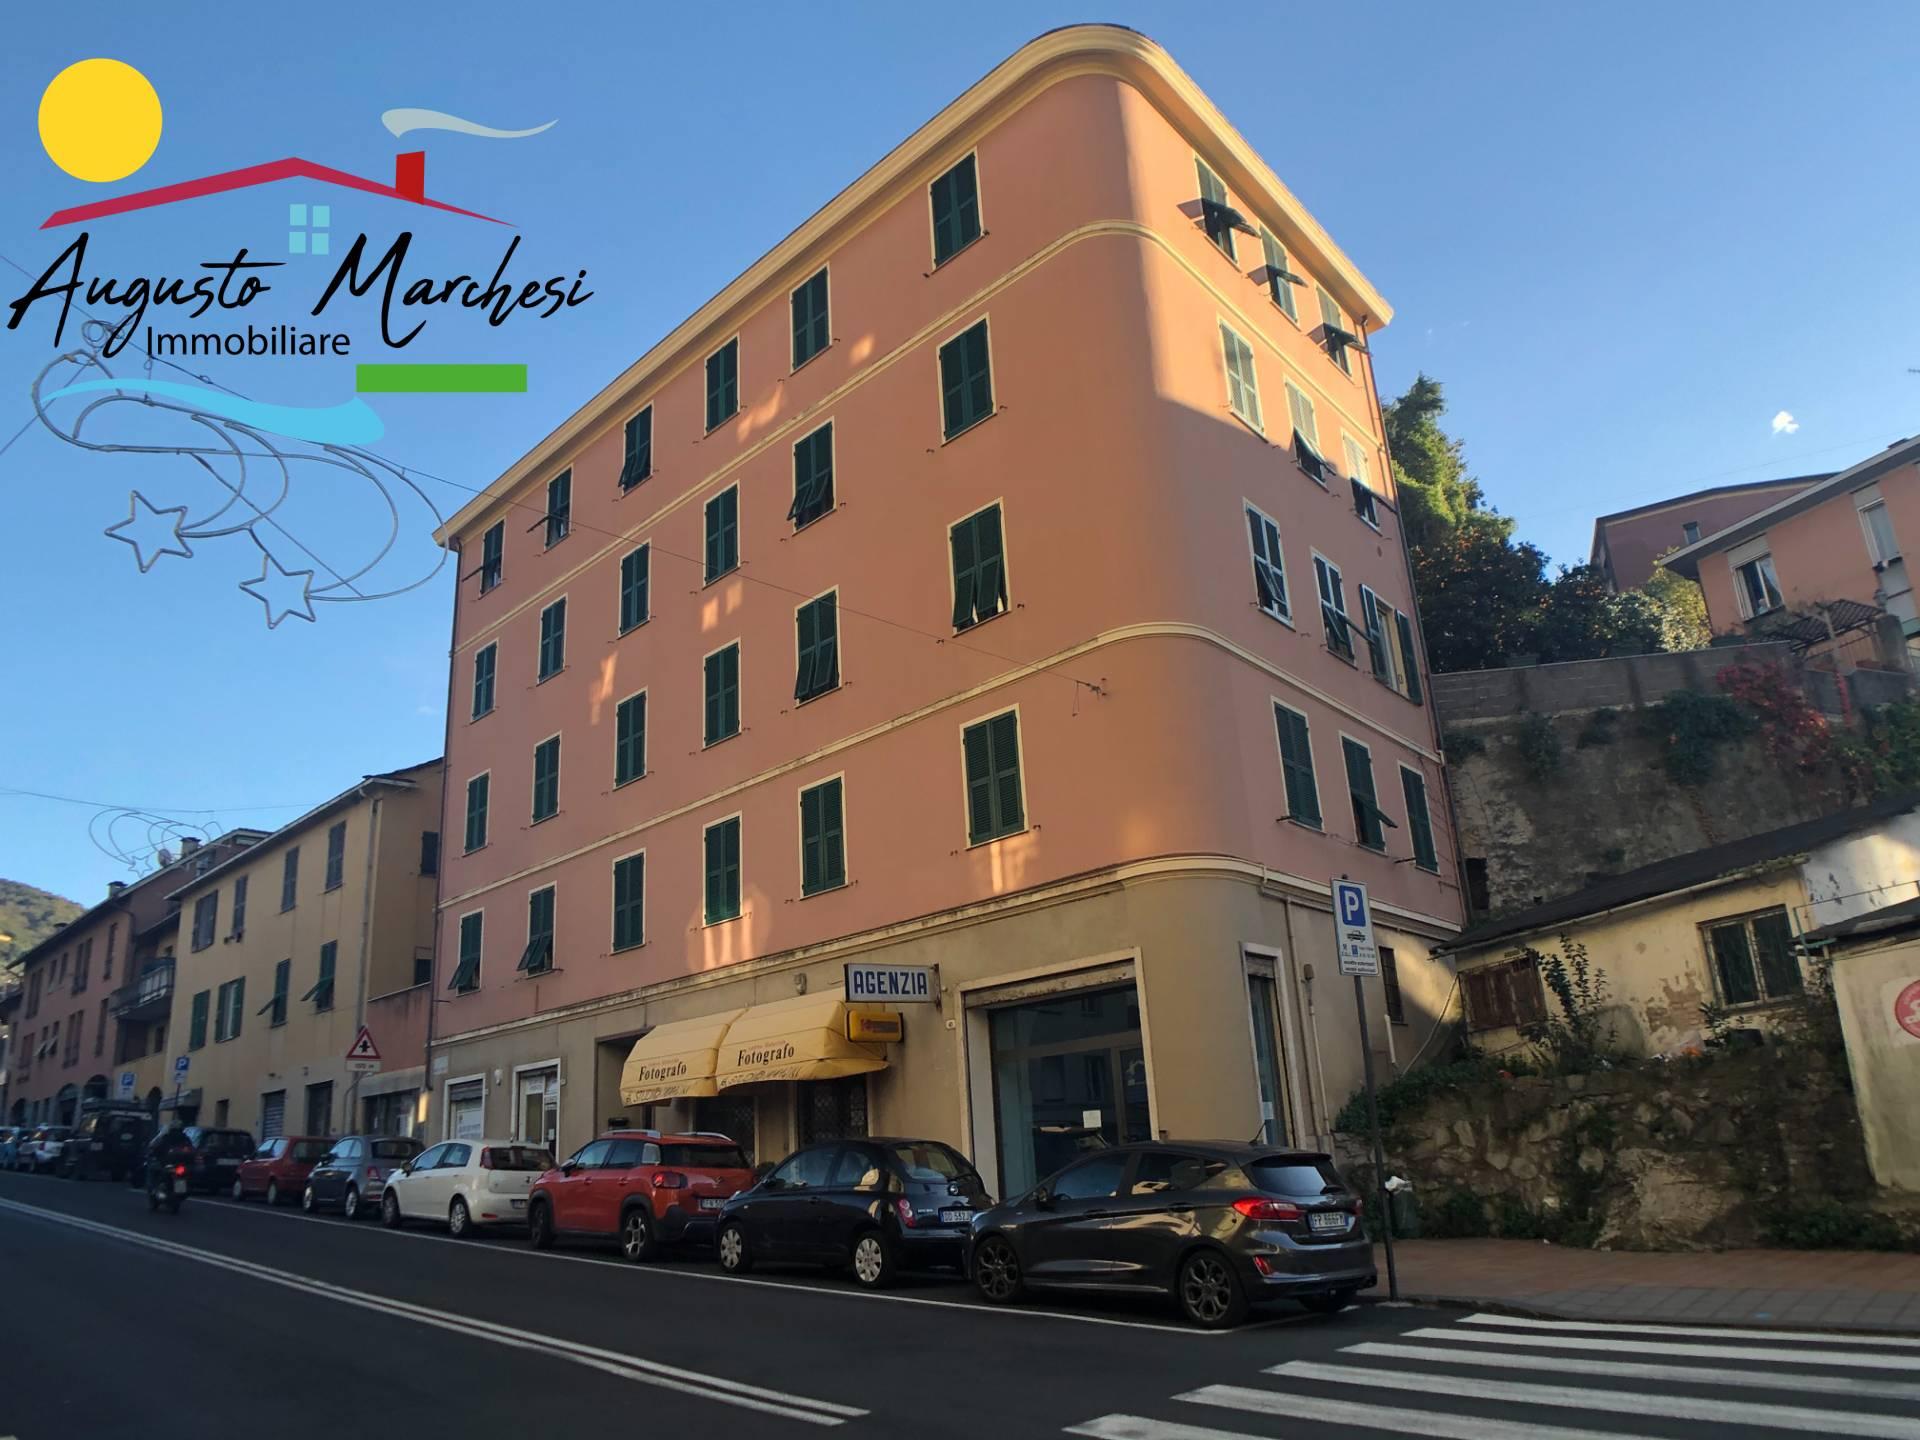 Appartamento in vendita a Recco, 6 locali, zona Località: Centro, prezzo € 189.000   PortaleAgenzieImmobiliari.it